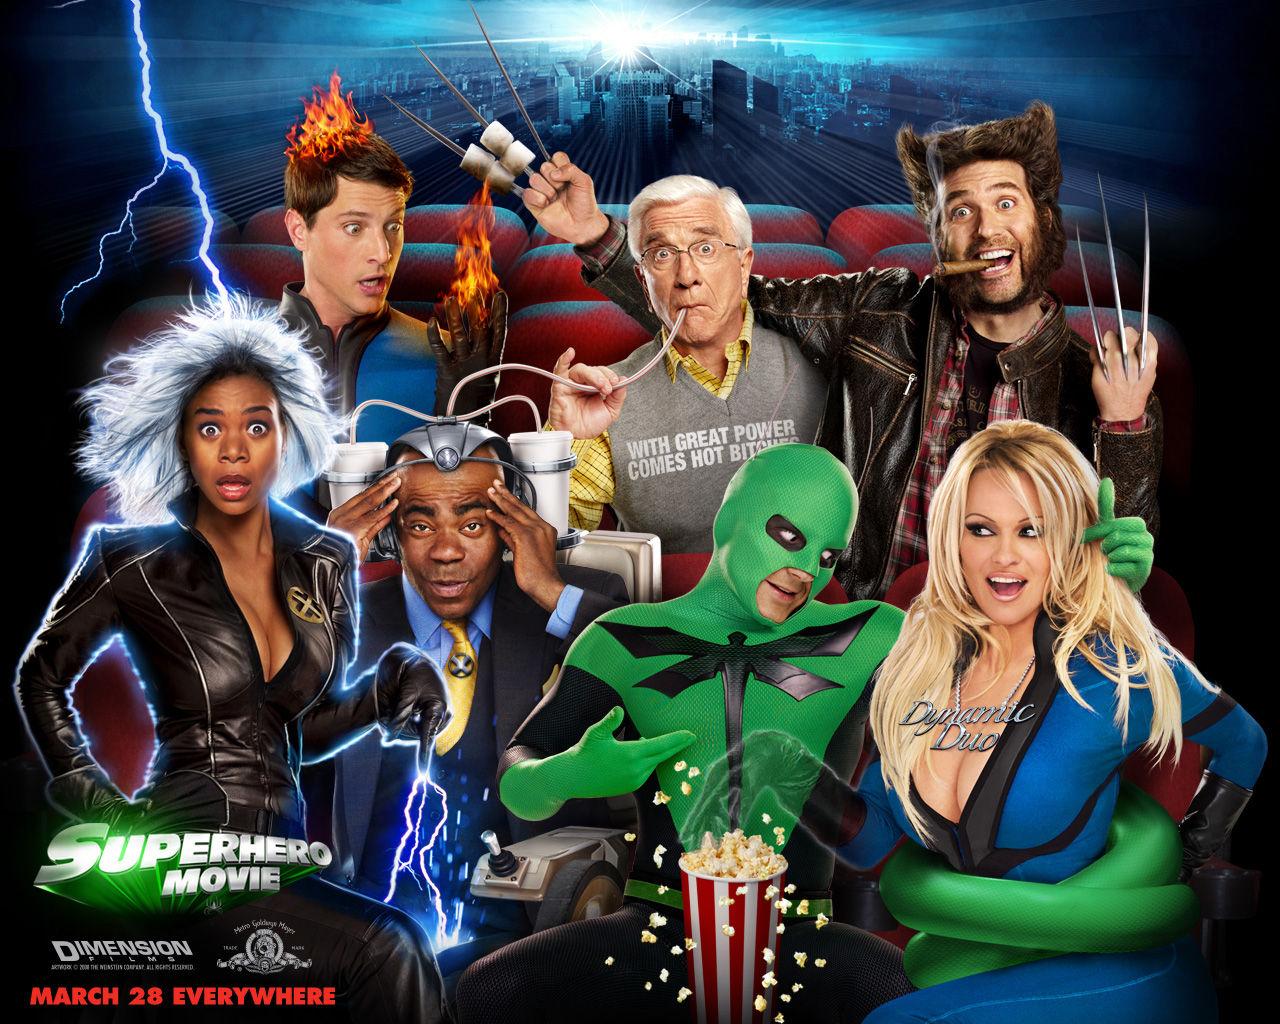 Superhero Movie (4/7/08)